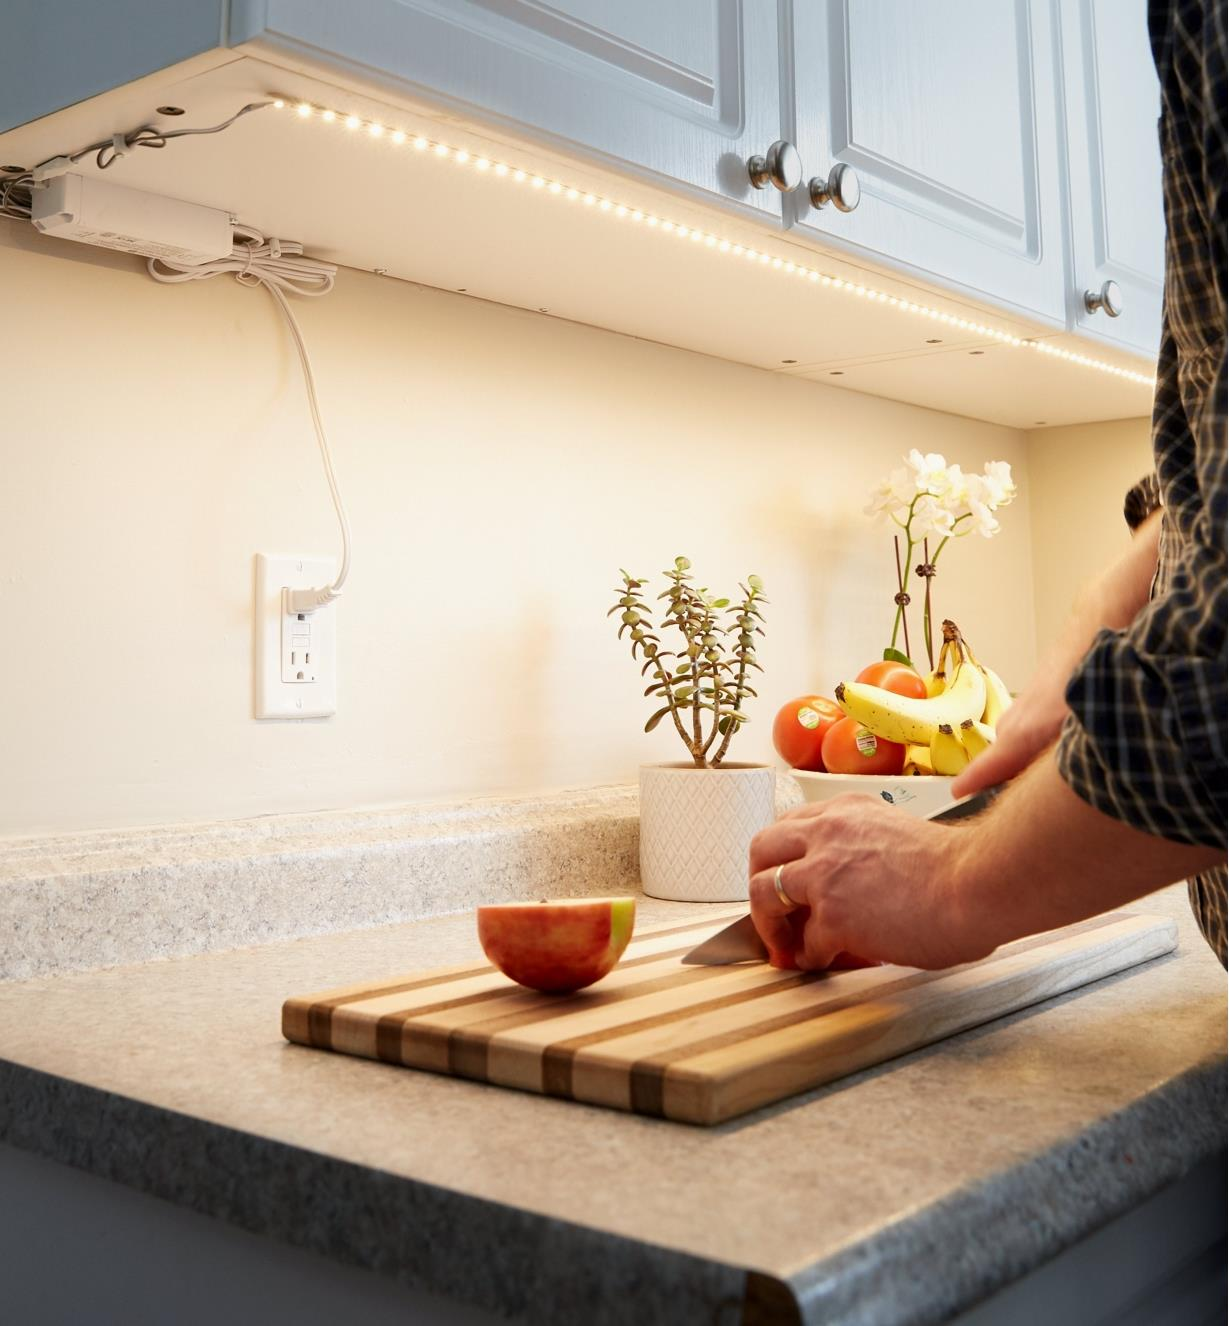 Ensemble complet de luminaire-ruban à DEL collé sous des armoires de cuisine pour éclairer un comptoir